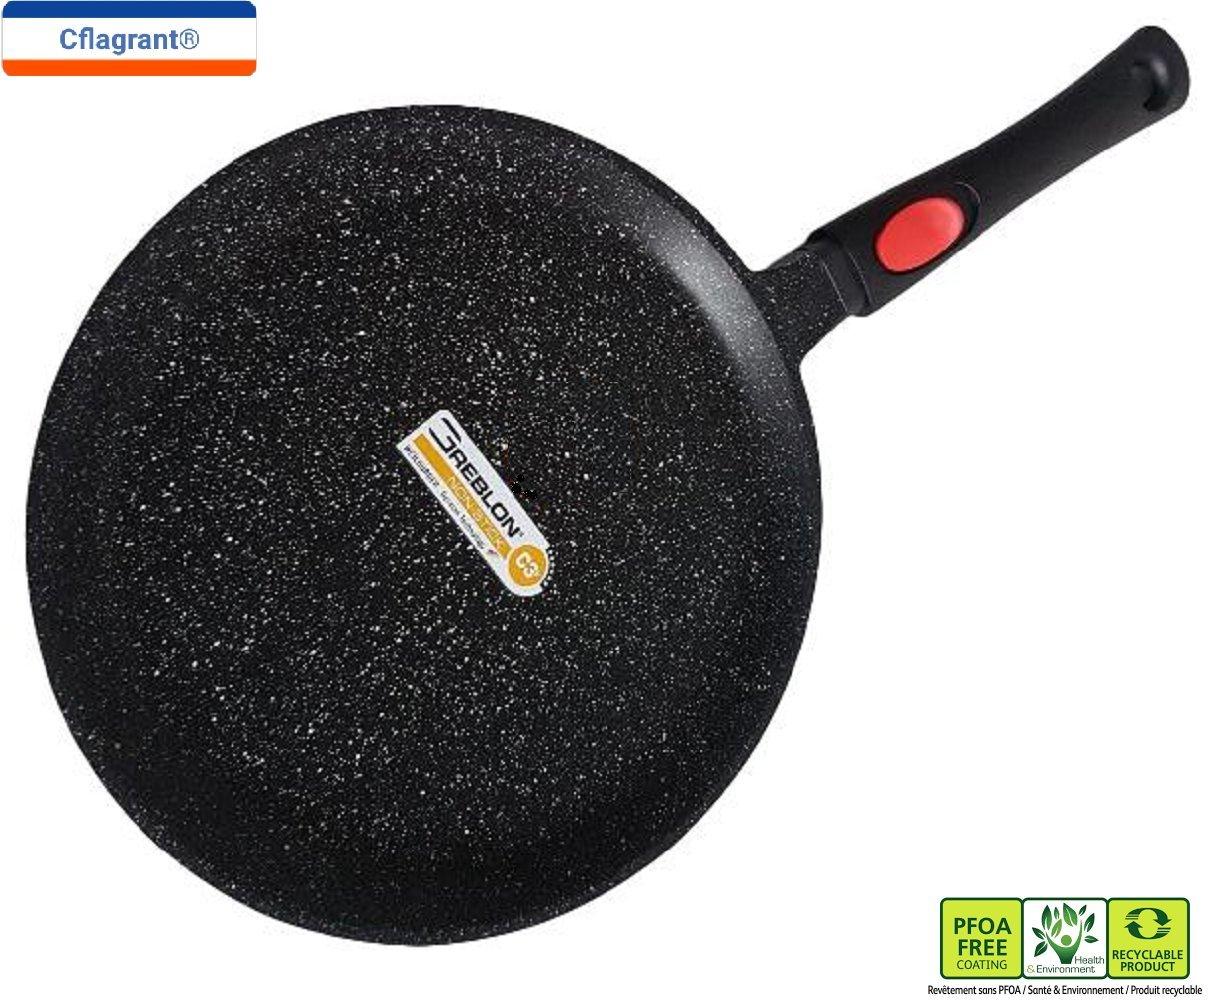 Cflagrant® - Sartén para Crepes/Tortitas/skeppshult 28 cm Piedra inducción sin PFOA cocción sin Materia Grasse Revestimiento de Greblon C3 + de tecnología ...